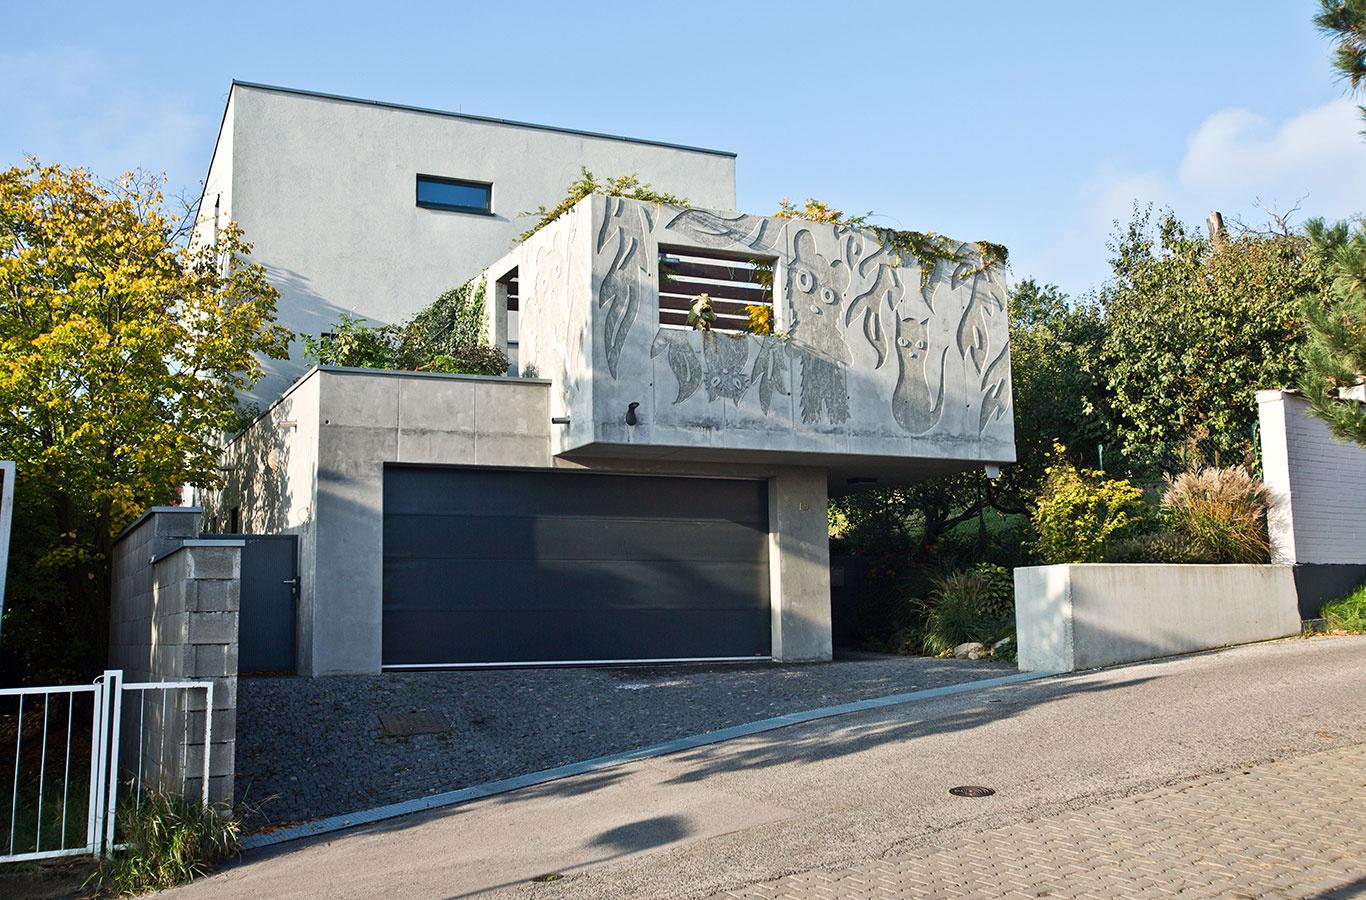 Trojpodlažný rodinný dom má od ulice odstup, aby nezatienil stavbu na susednom pozemku – vďaka tomu je pred garážou v úzkej ulici väčší manévrovací priestor. Z dôvodu preslnenia je pred domom len prízemná garáž, ktorá má na časti strechy bylinkovú strešnú záhradku.